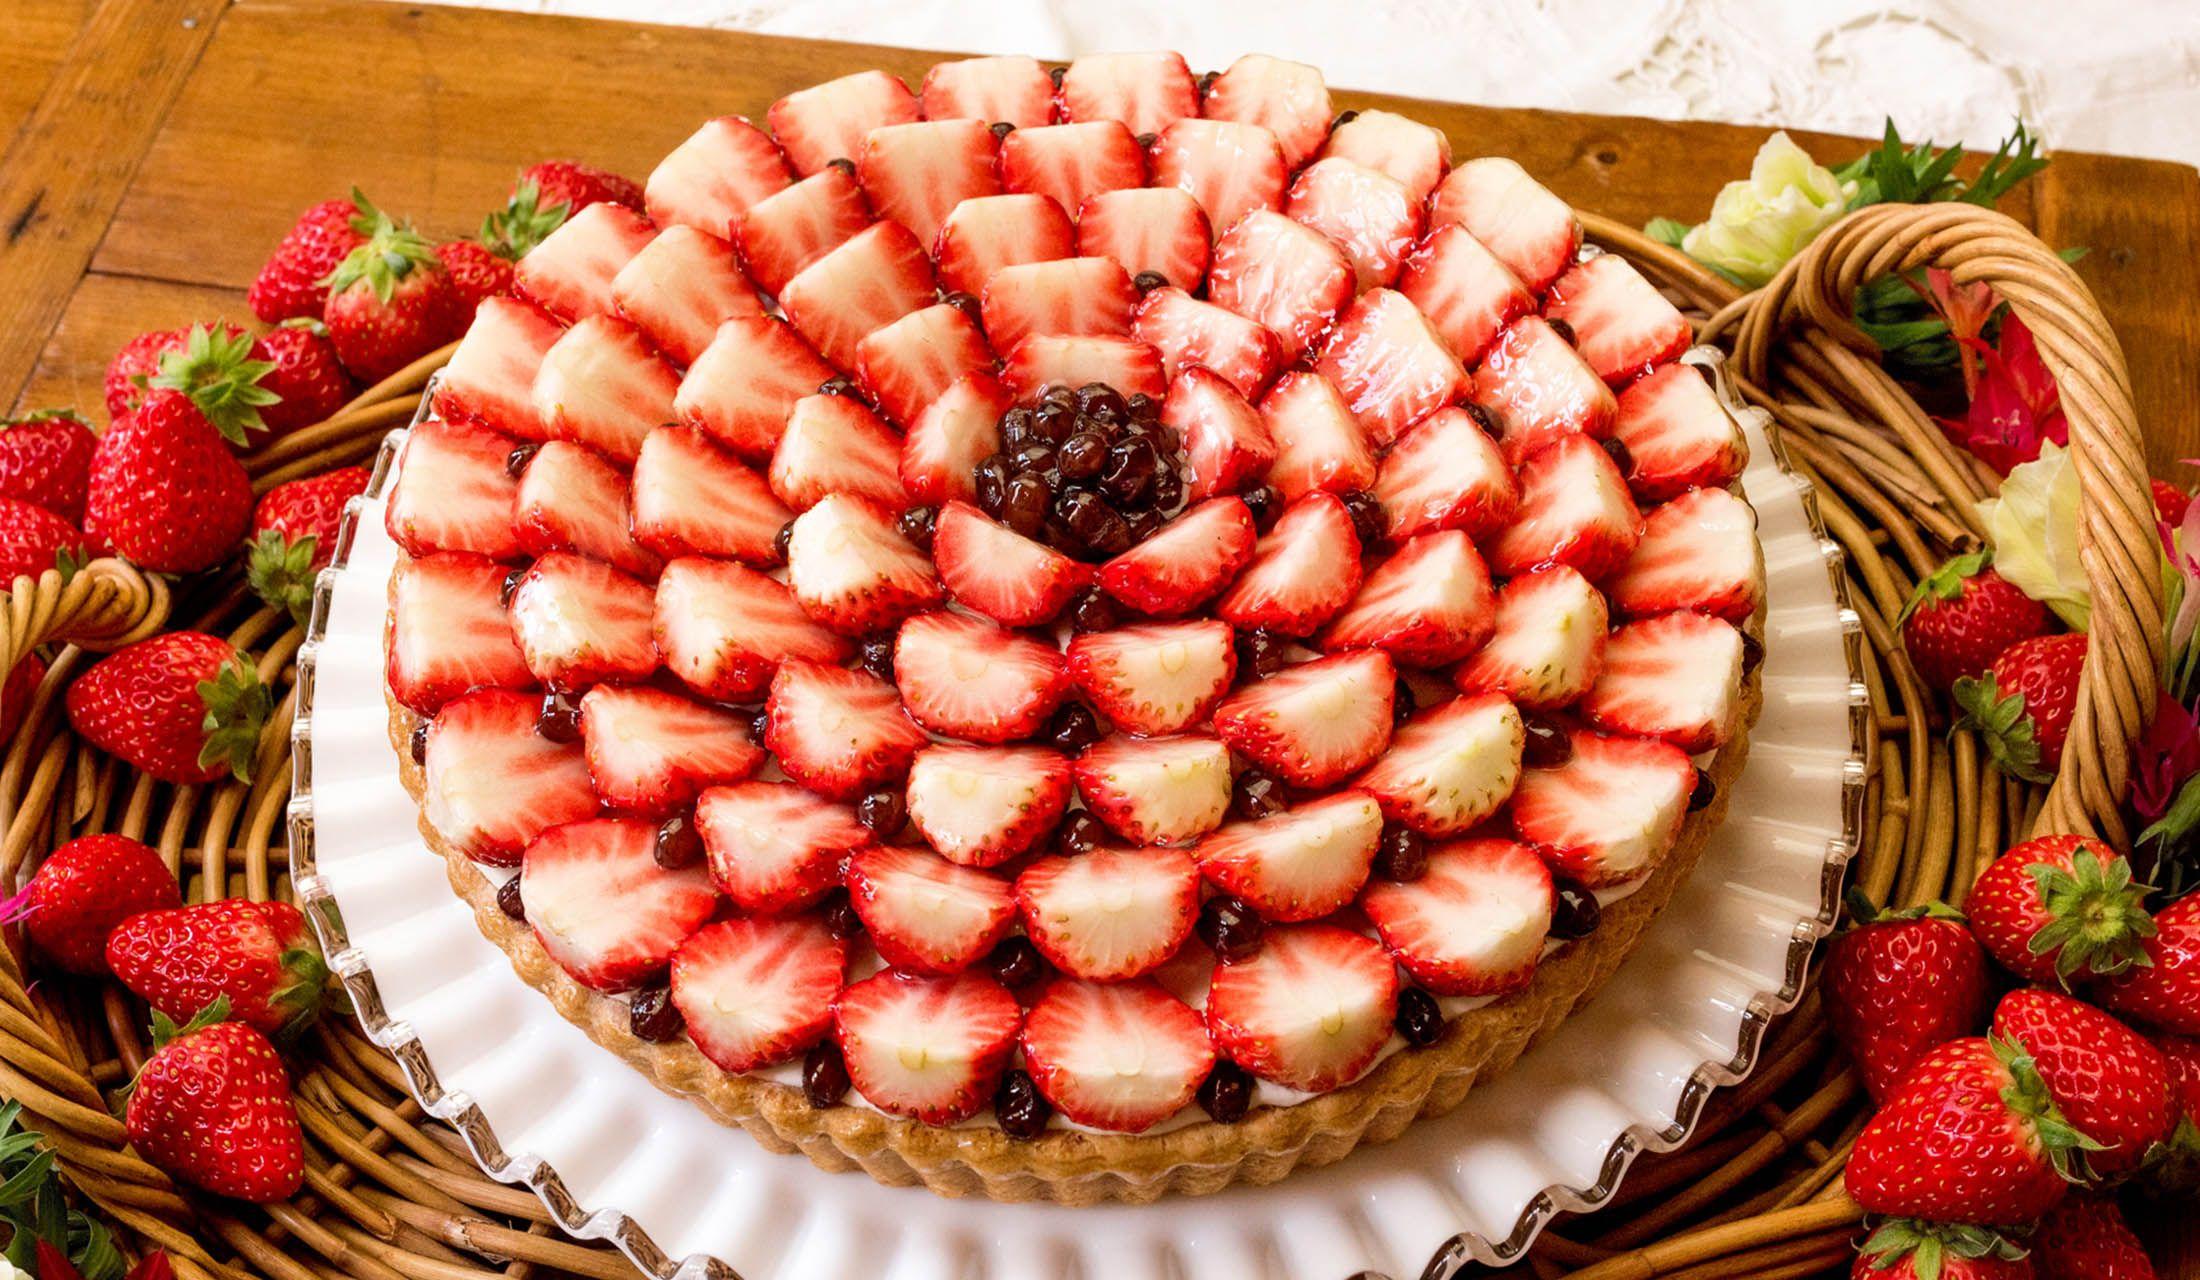 フルーツタルト専門店「キル フェ ボン」のイチゴと小豆クリーム 白ごまの香り